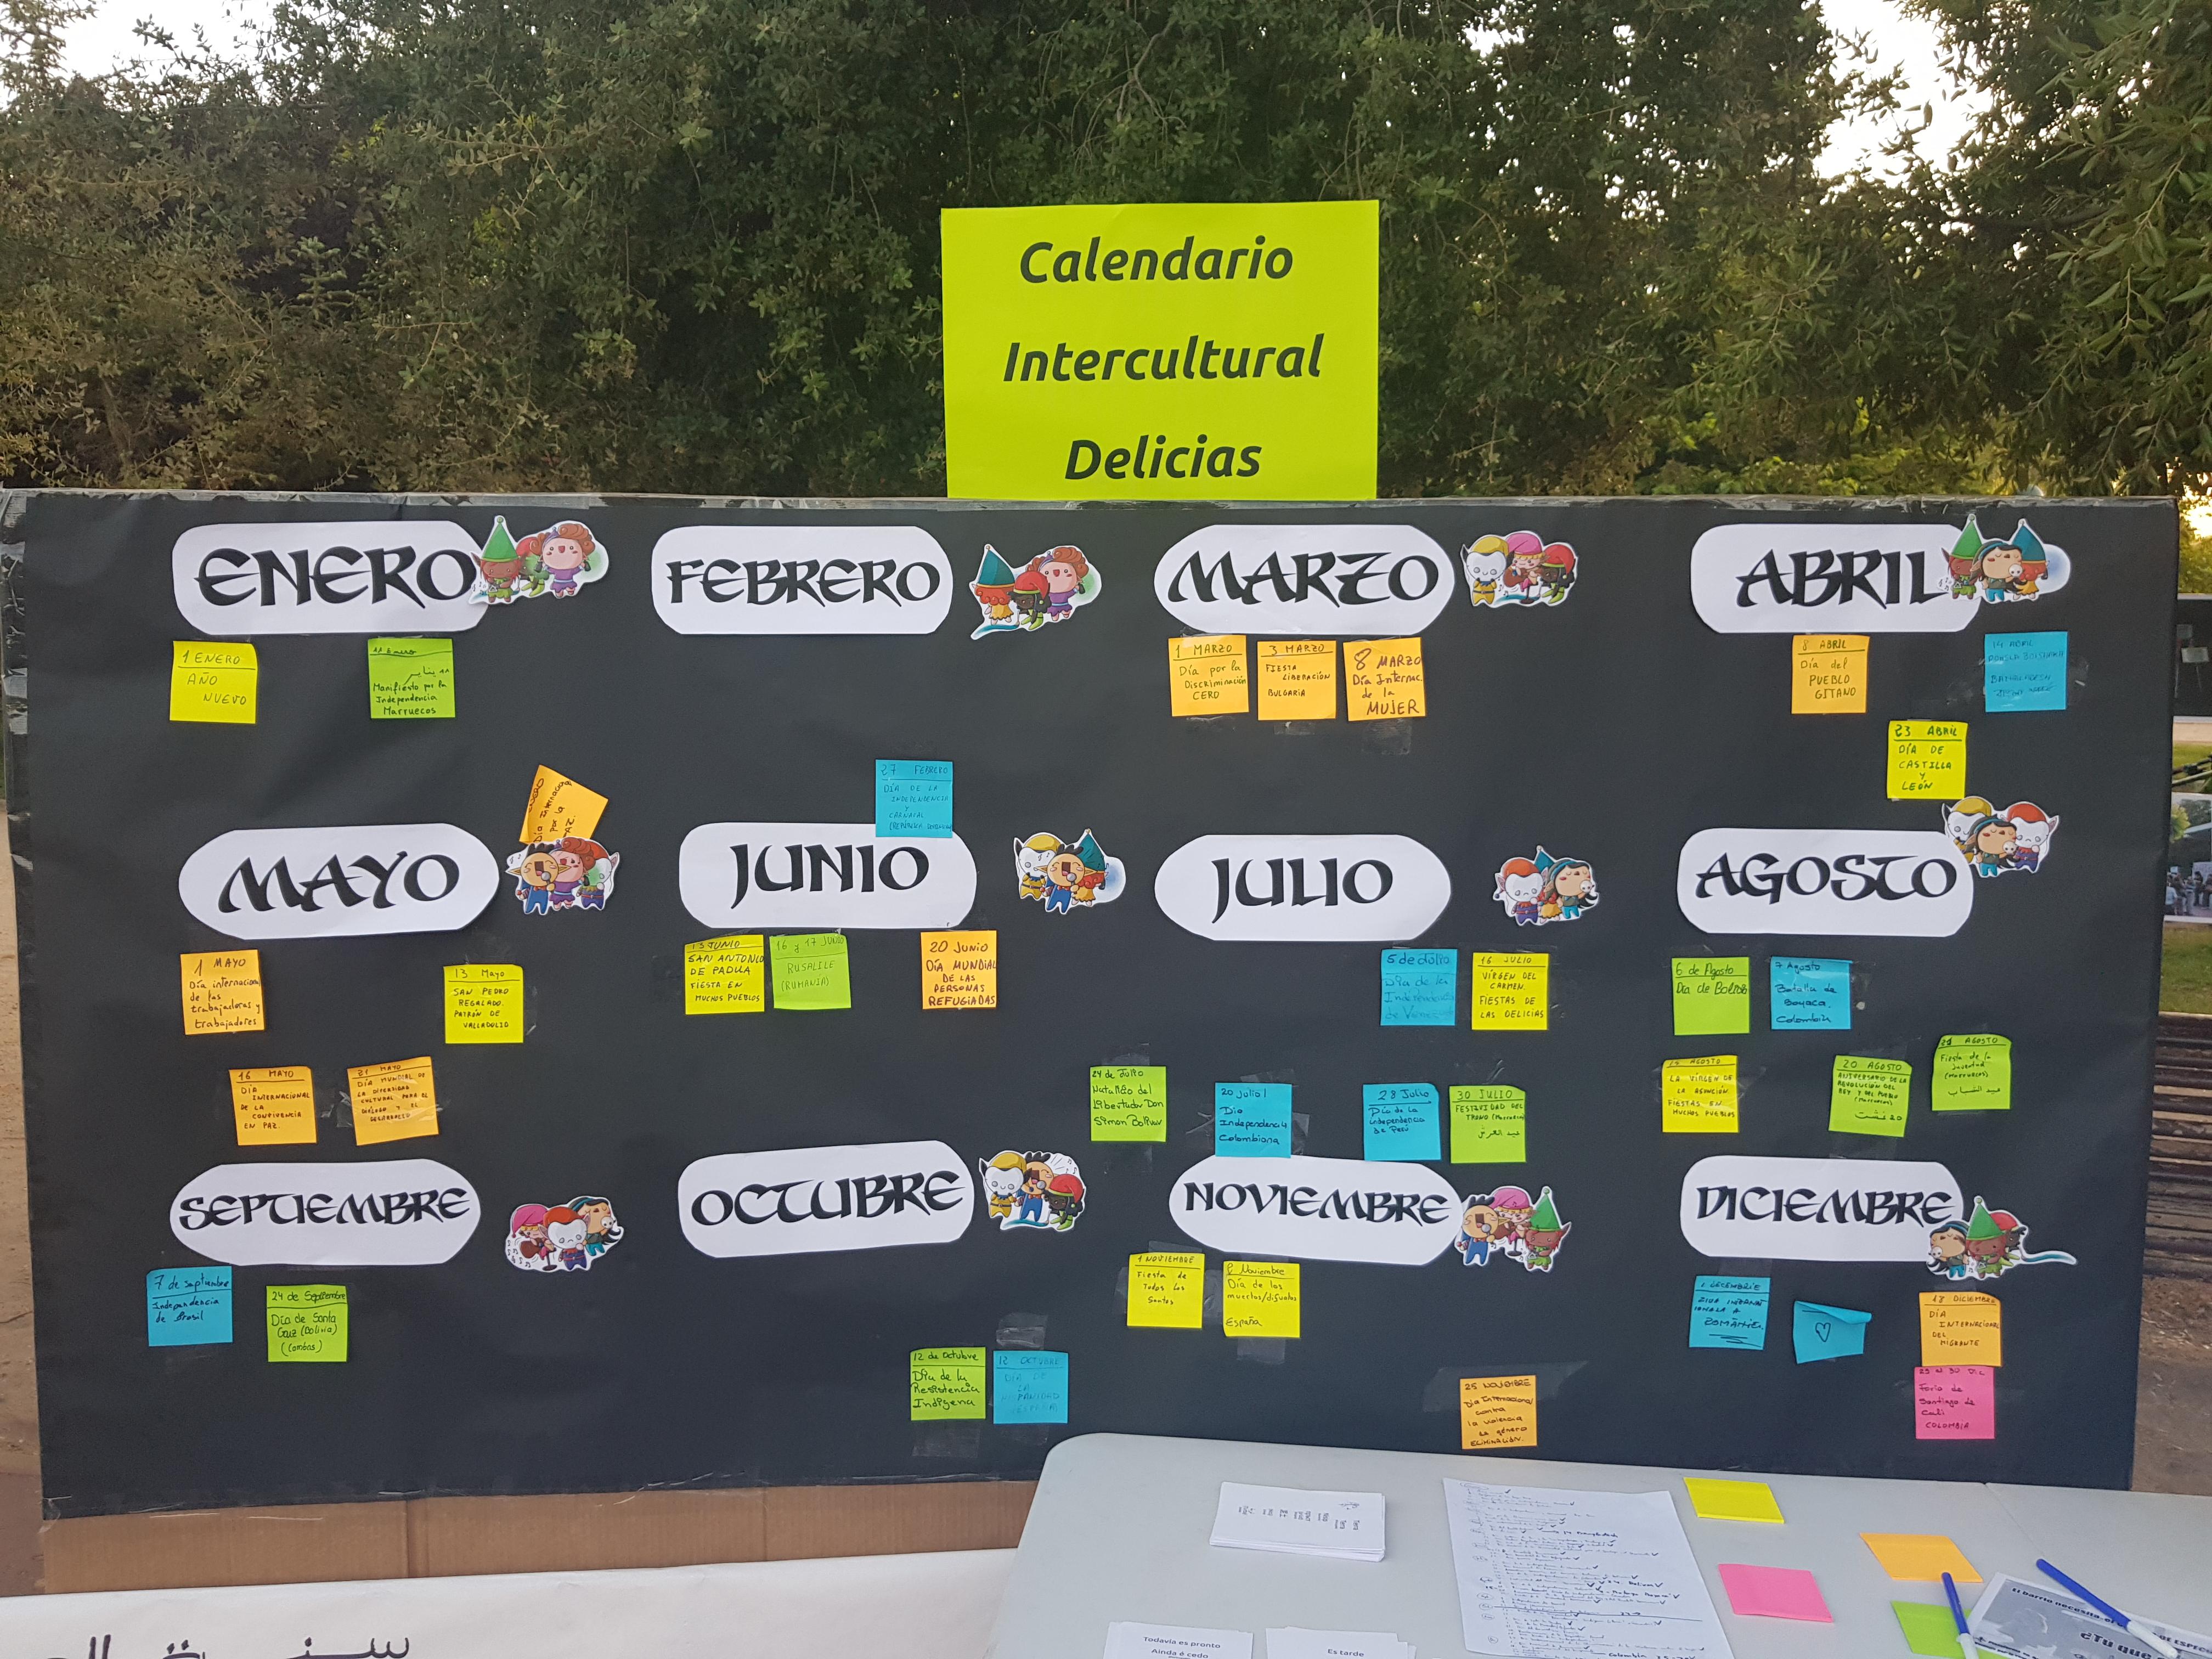 Imagen del Calendario Intercultural Delicias, hecho con possits sobre papel negro continuo